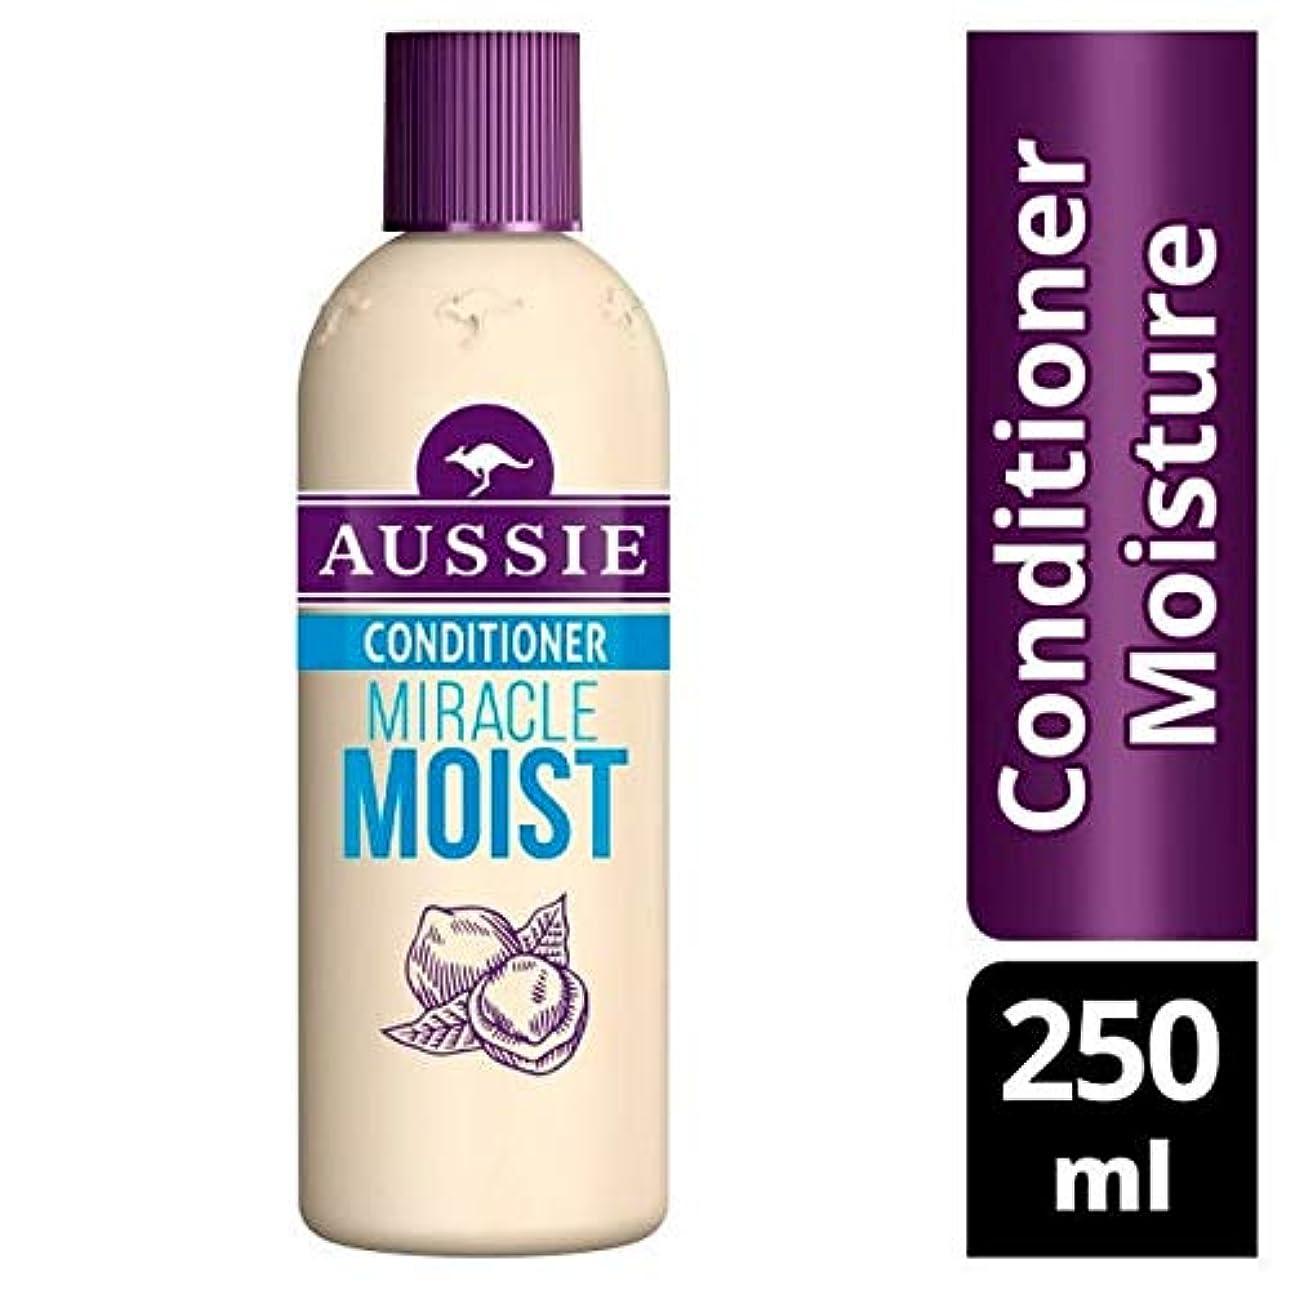 ブレンドスーツケースレーザ[Aussie ] オージー奇跡しっとりコンディショナー250Ml - Aussie Miracle Moist Conditioner 250ml [並行輸入品]